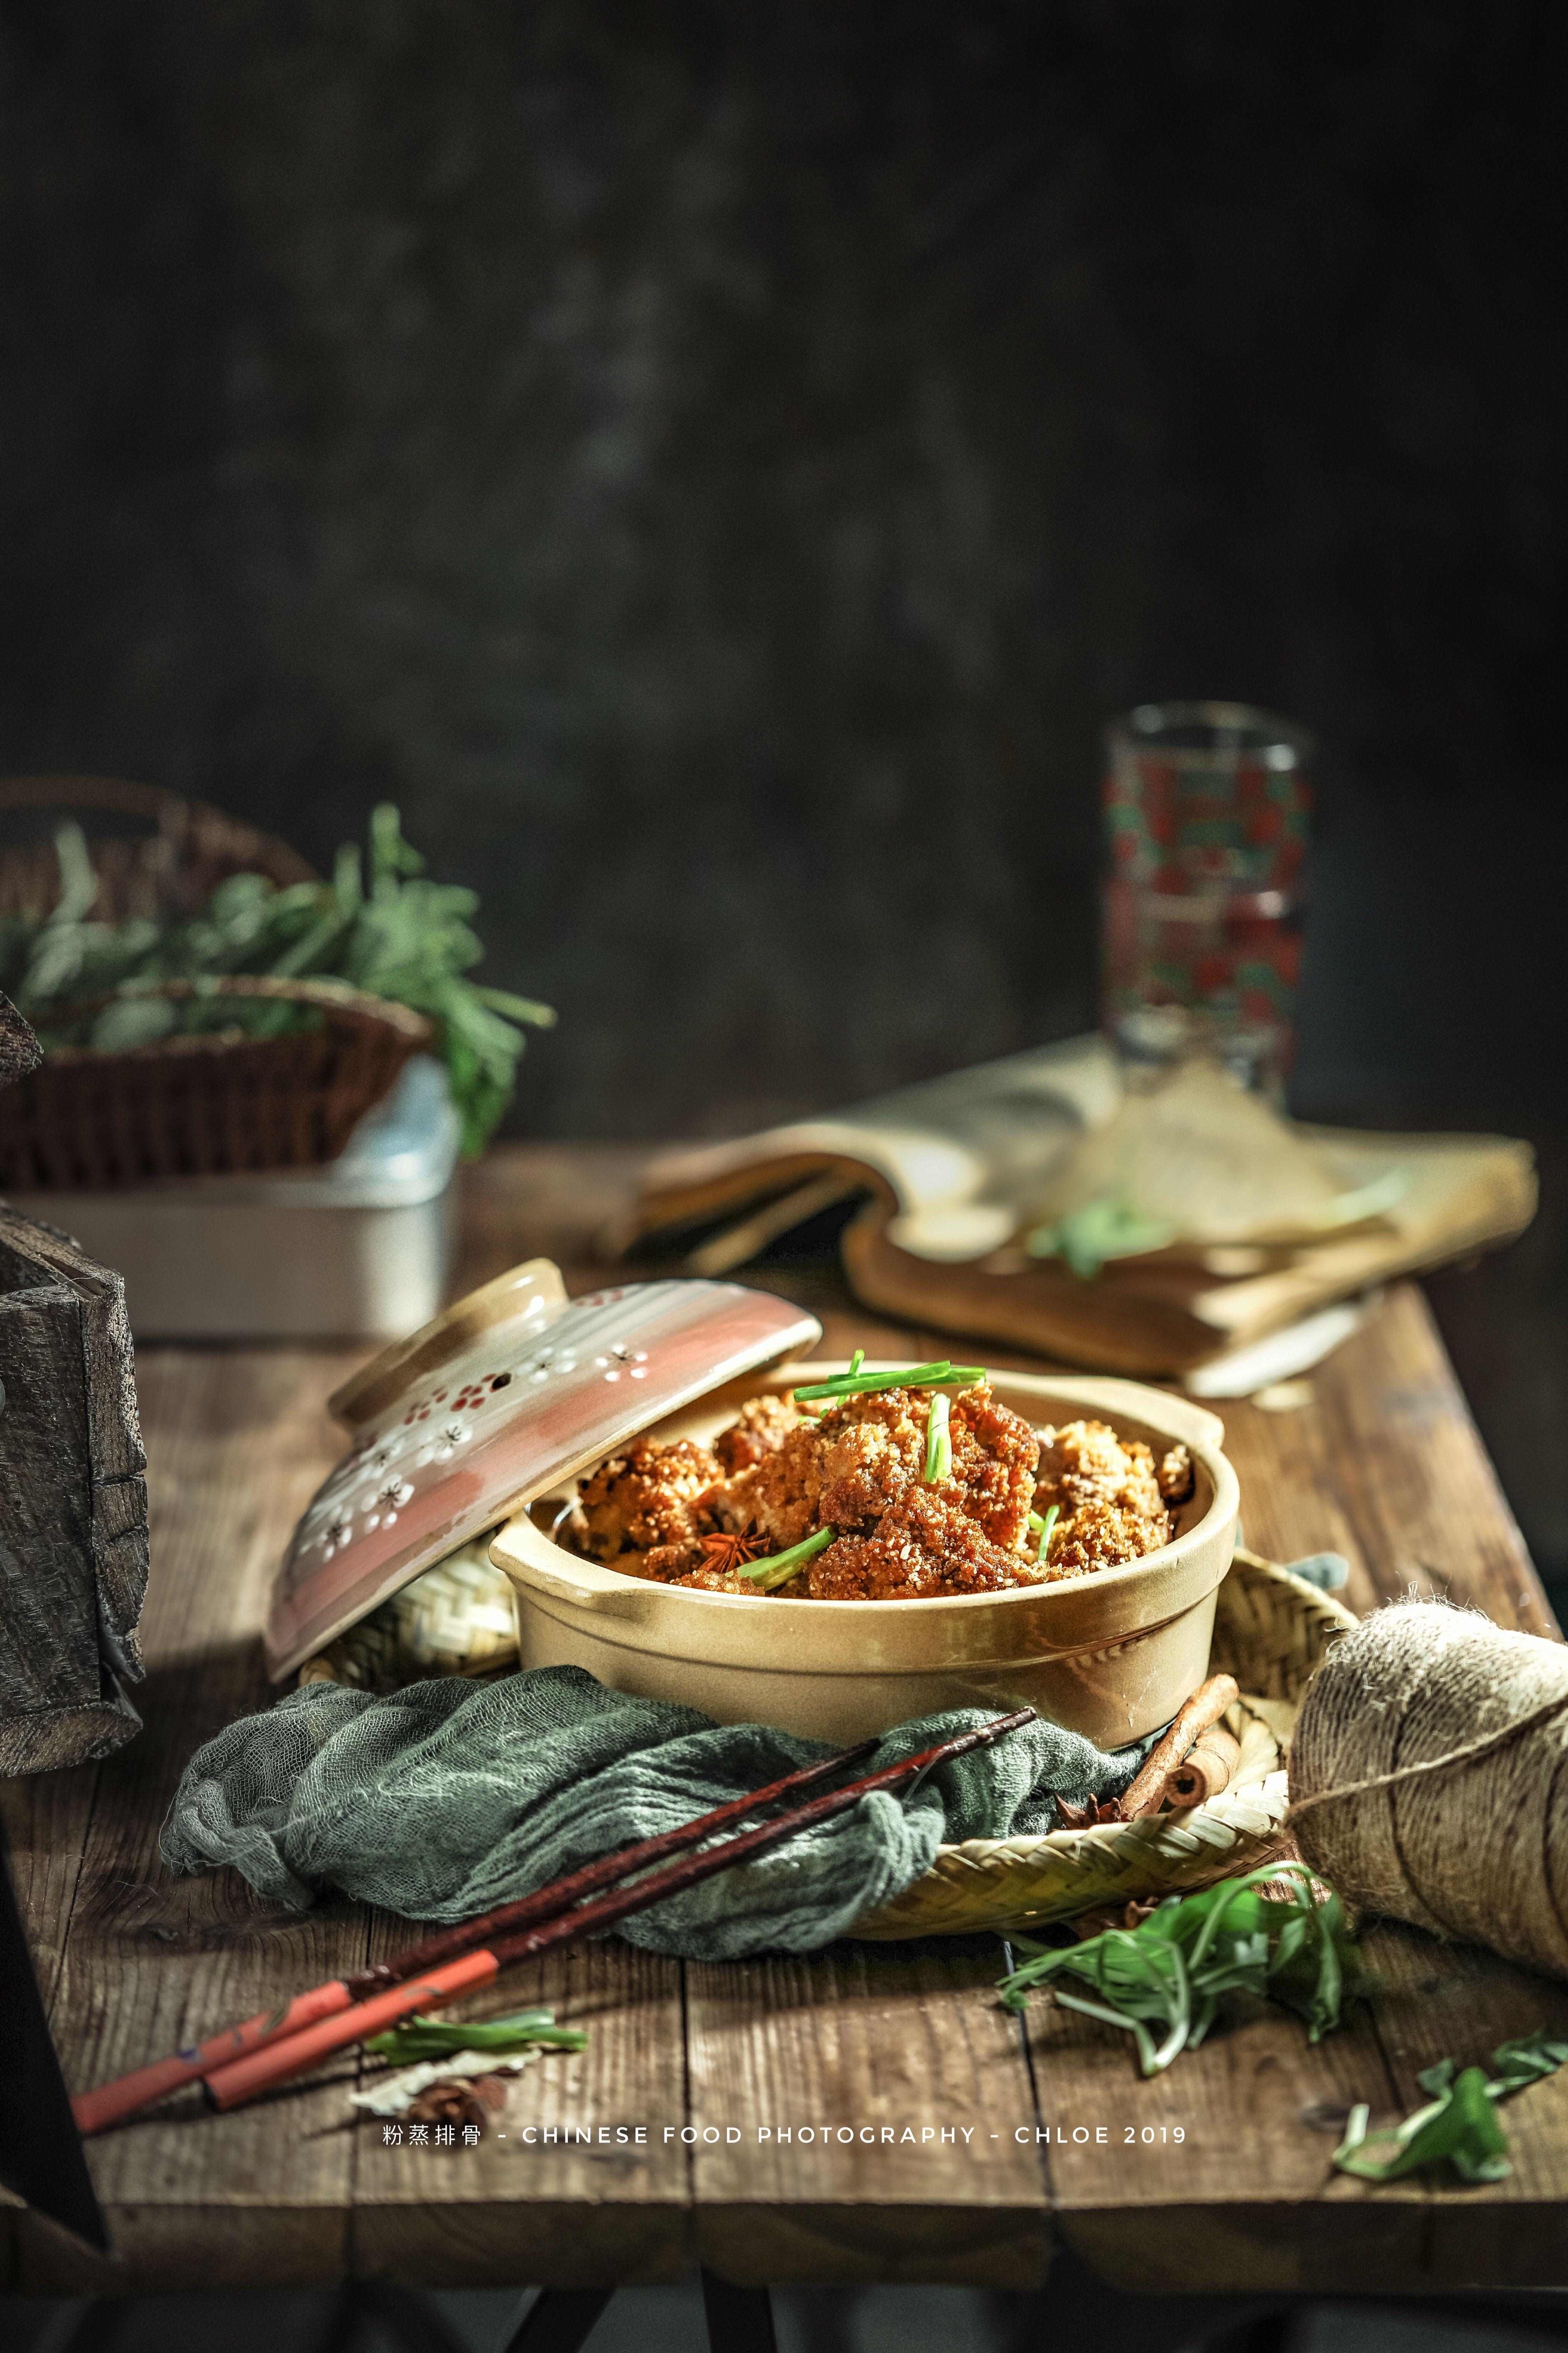 砂锅煲 粉蒸排骨 Rice Pork Ribs Chinese Food Photography